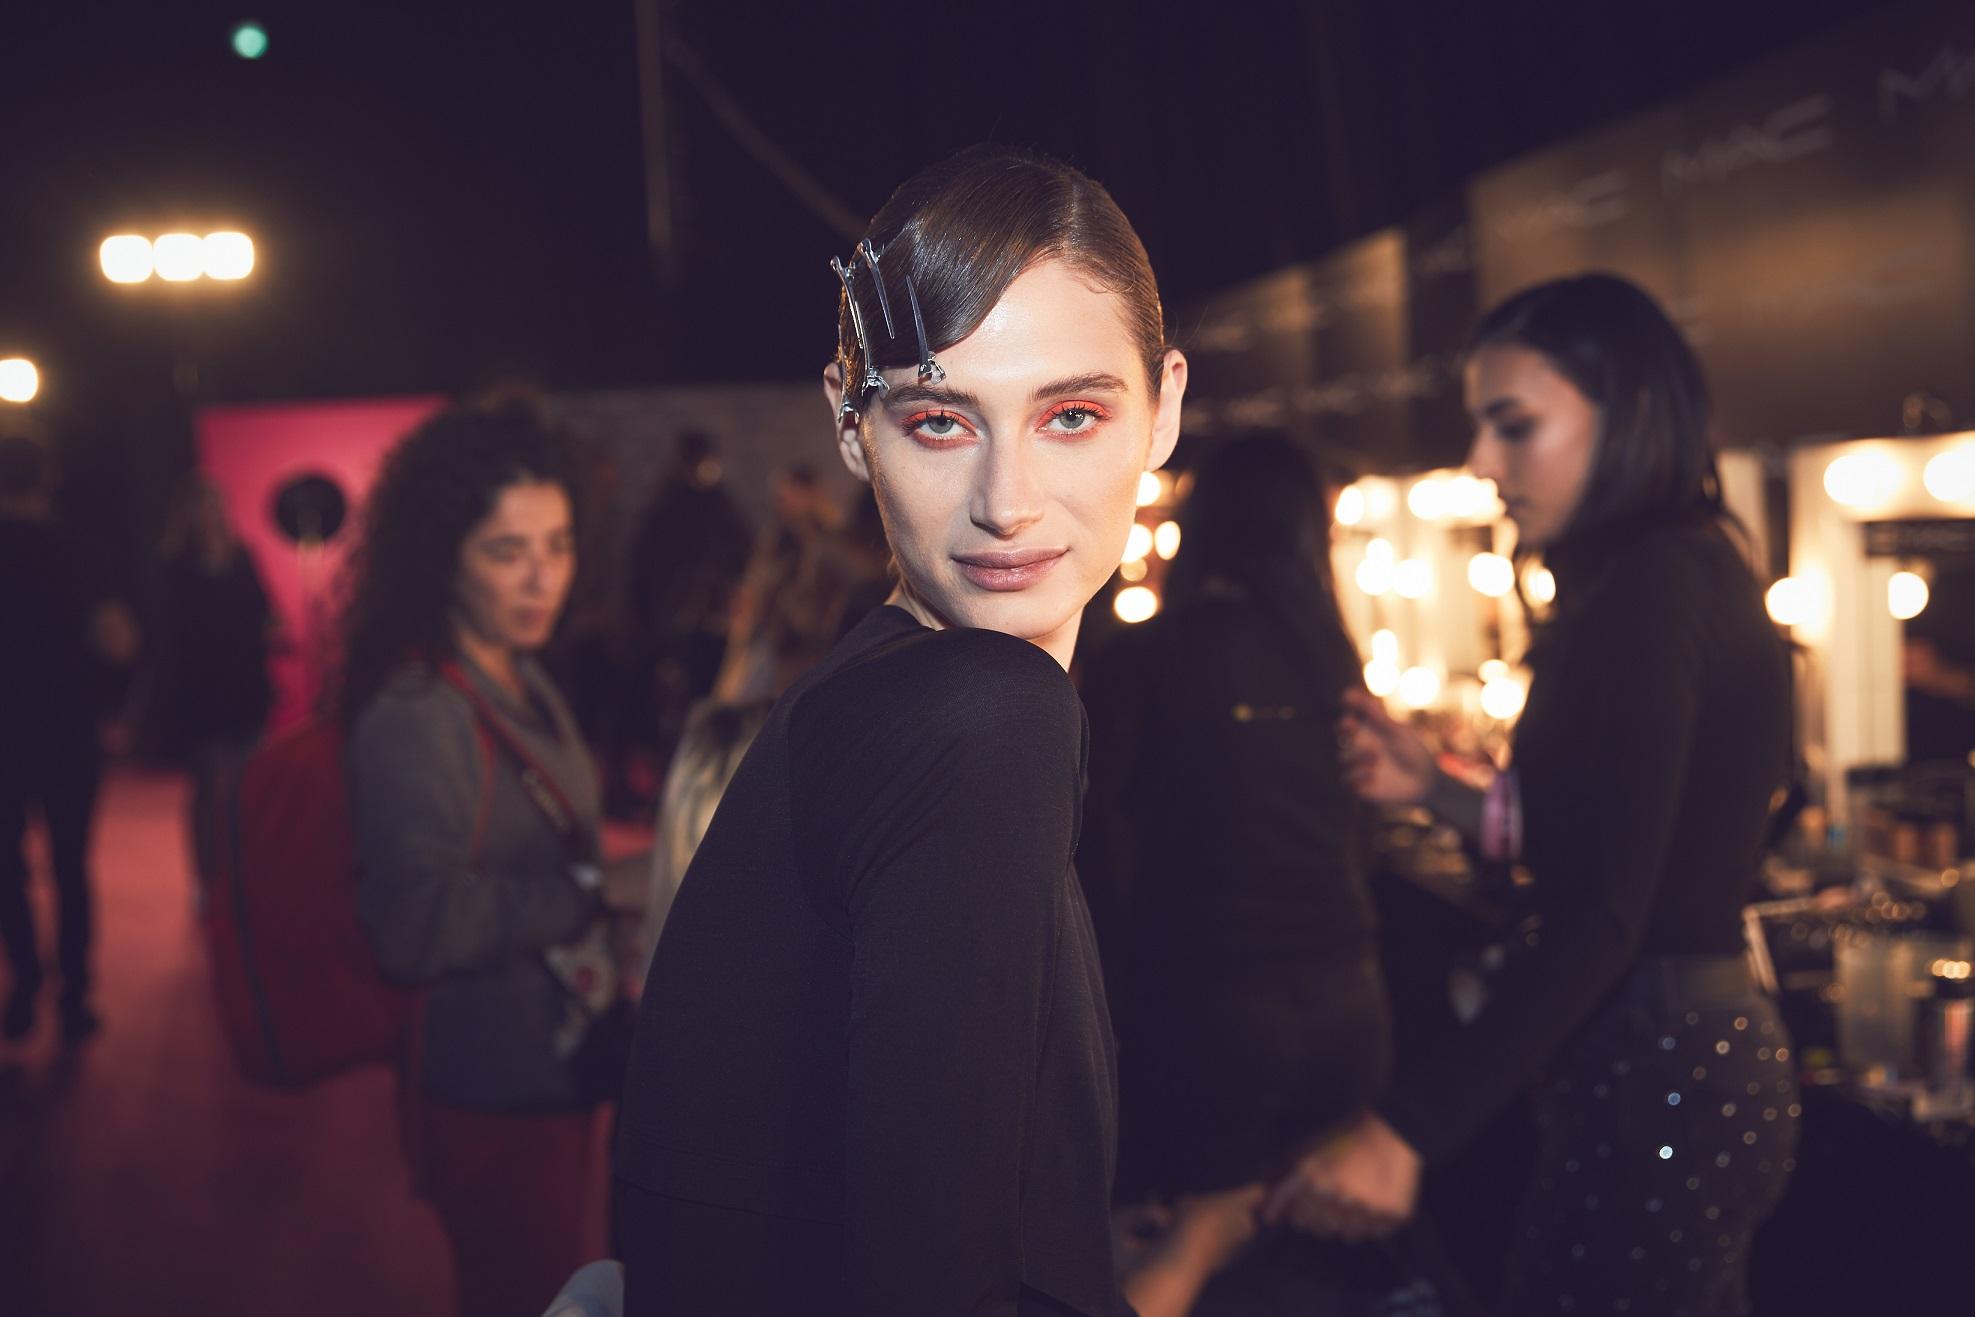 תצוגת אופנה דרור קונטנטו צילום לירון ויסמן (49).jpg